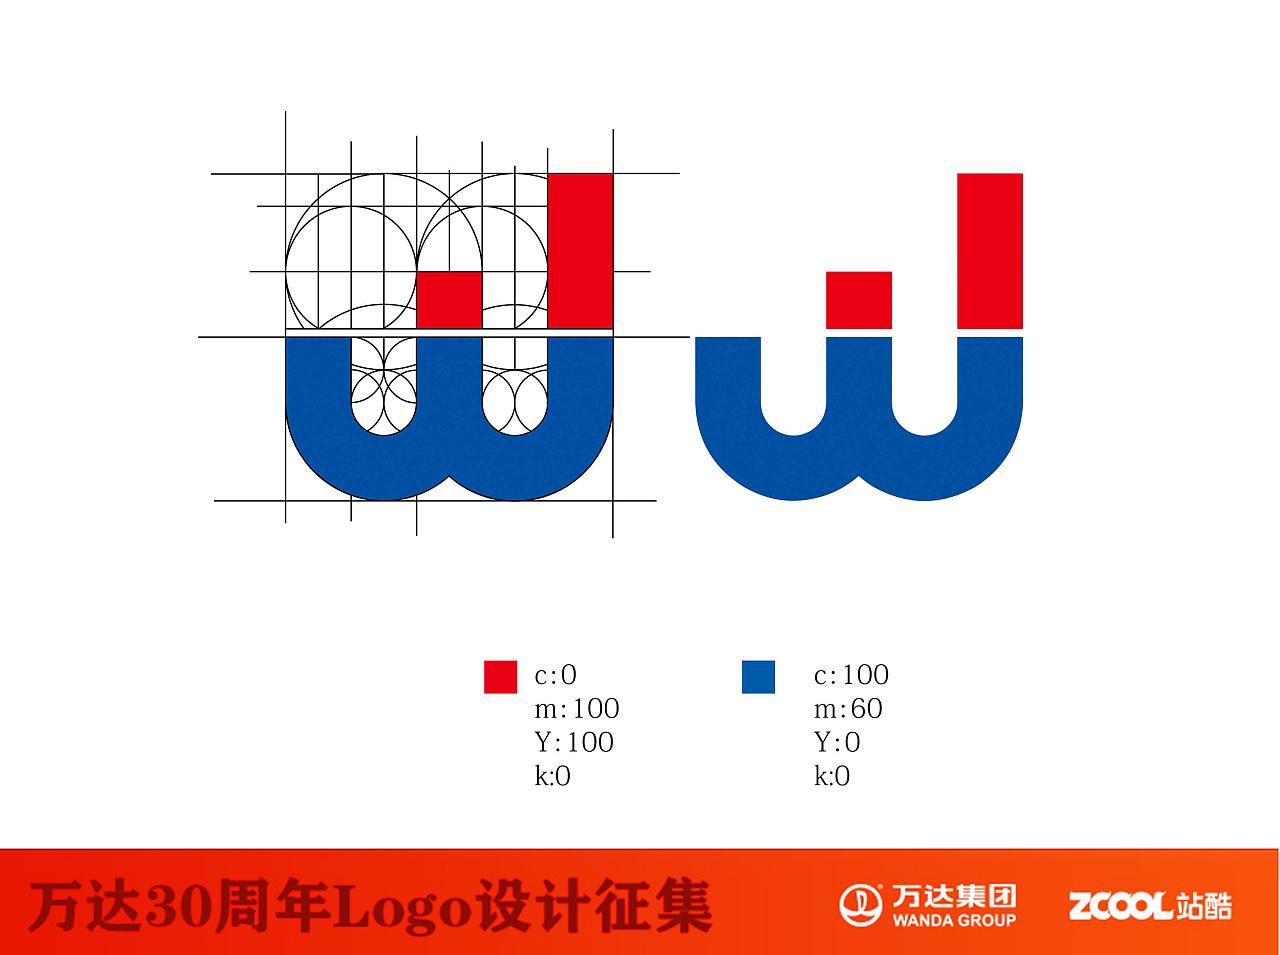 万达三十周年logo设计图片